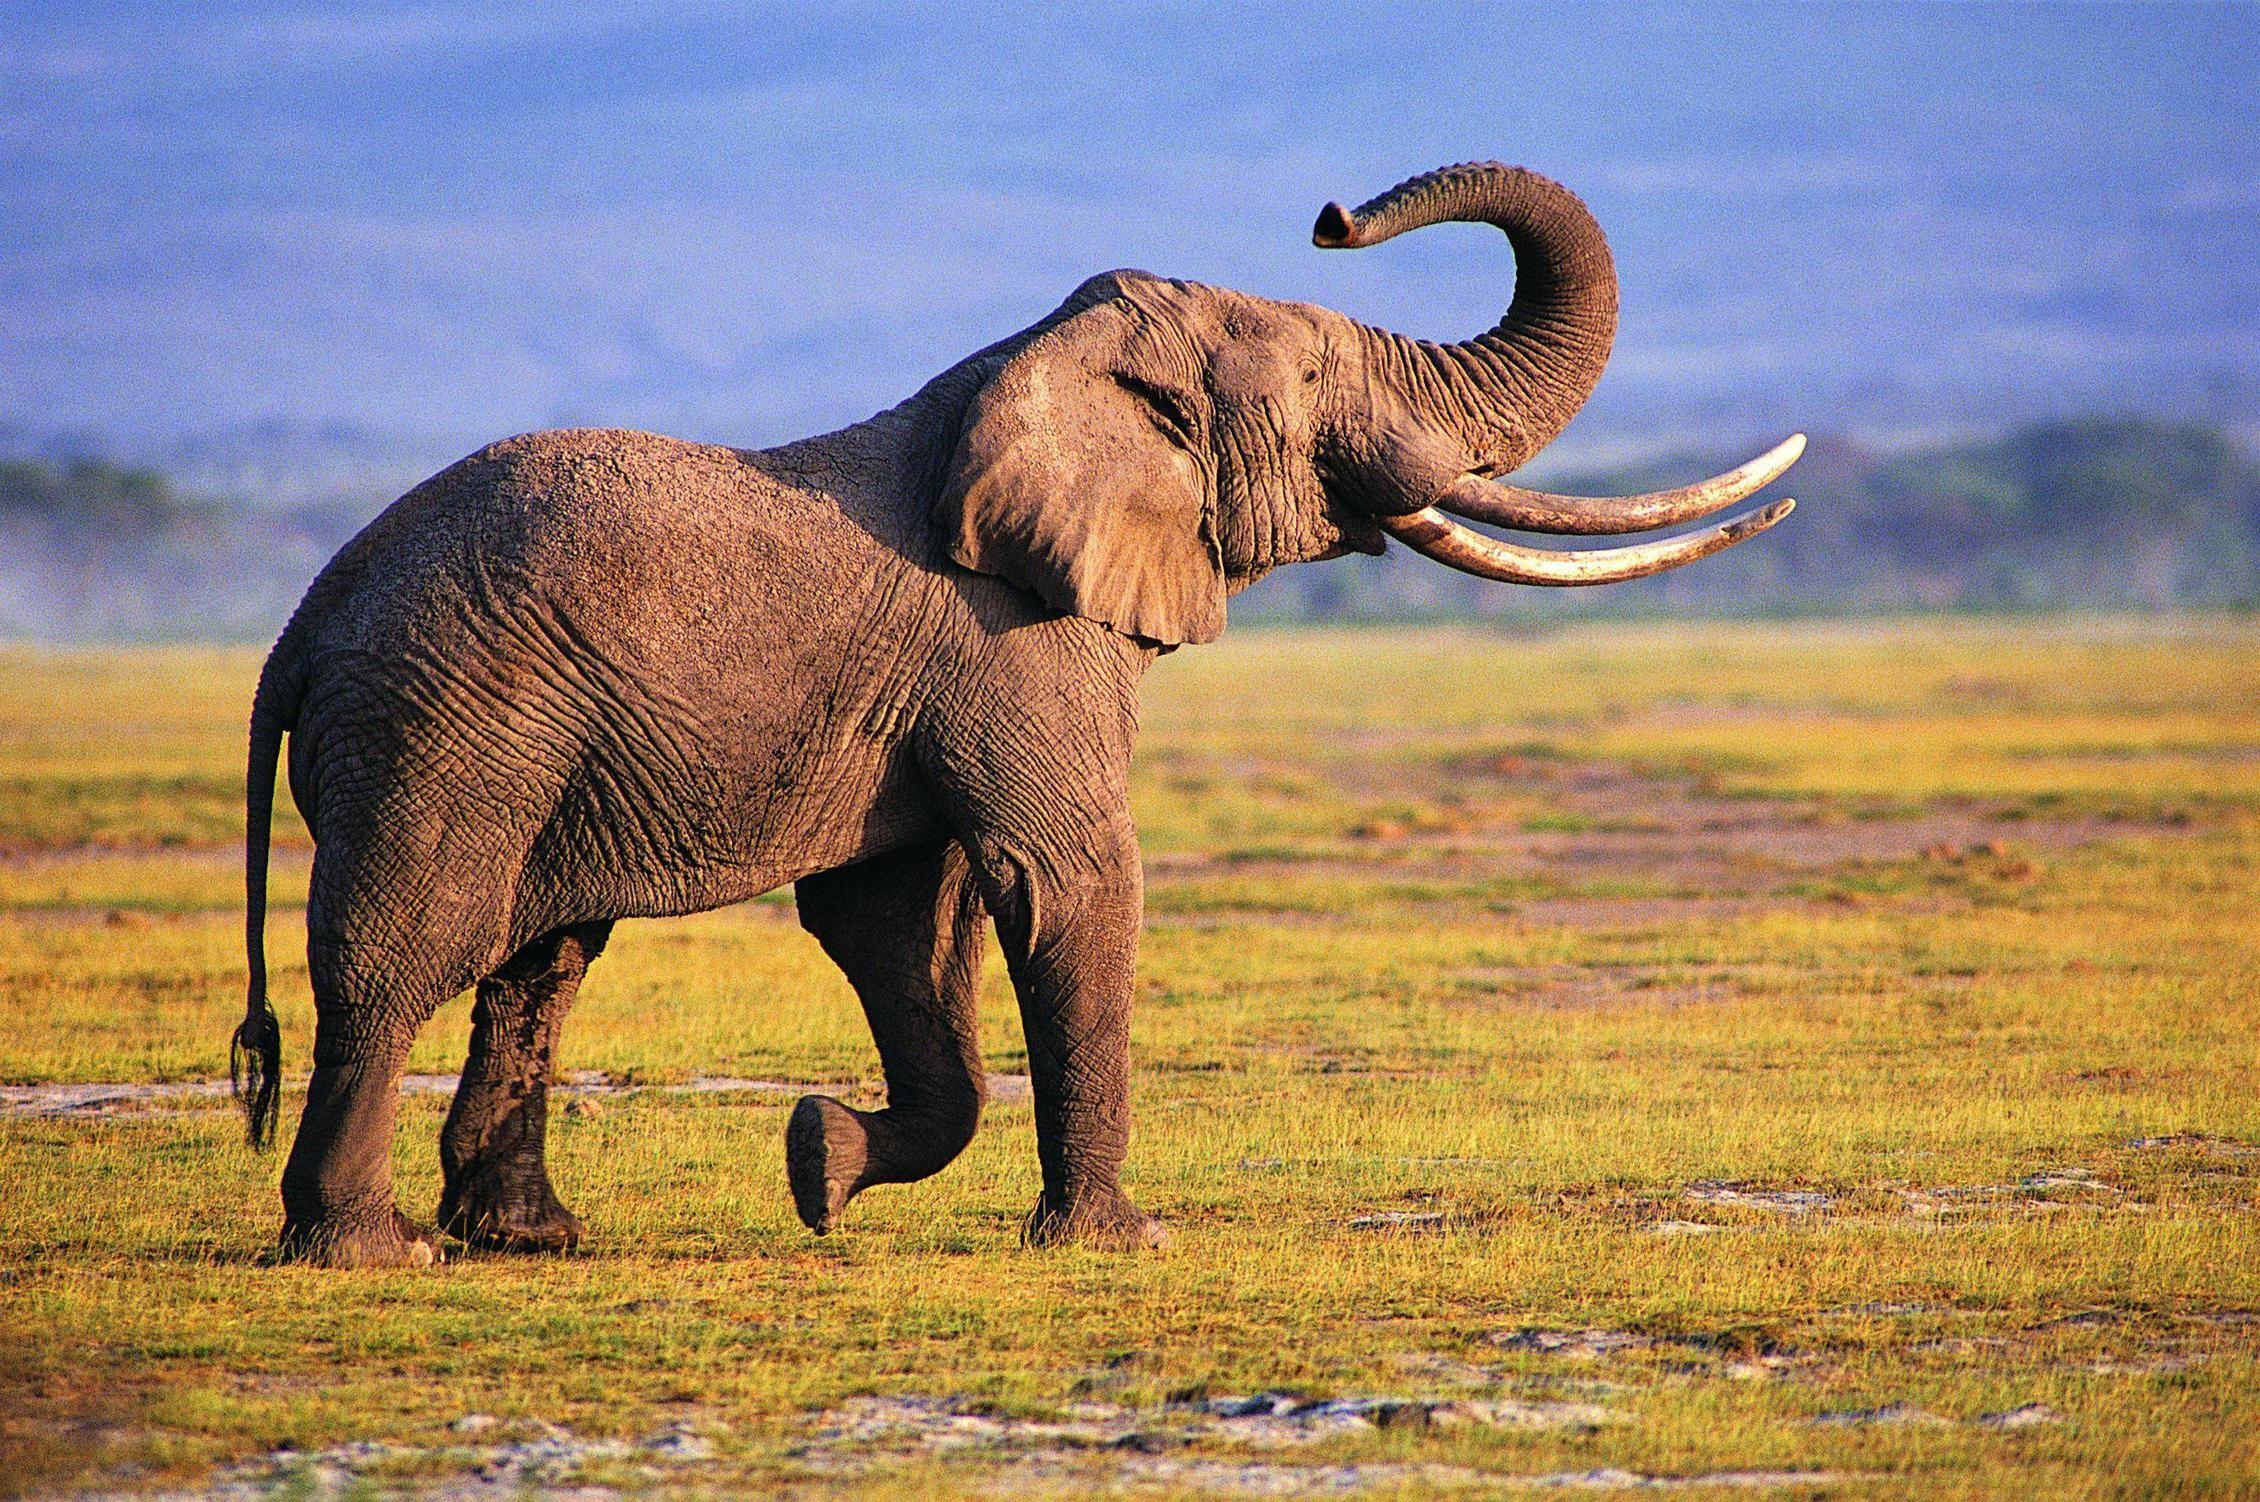 hd pics photos stunning attractive african elephants 20 hd desktop background wallpaper only hd pic pinterest hd desktop